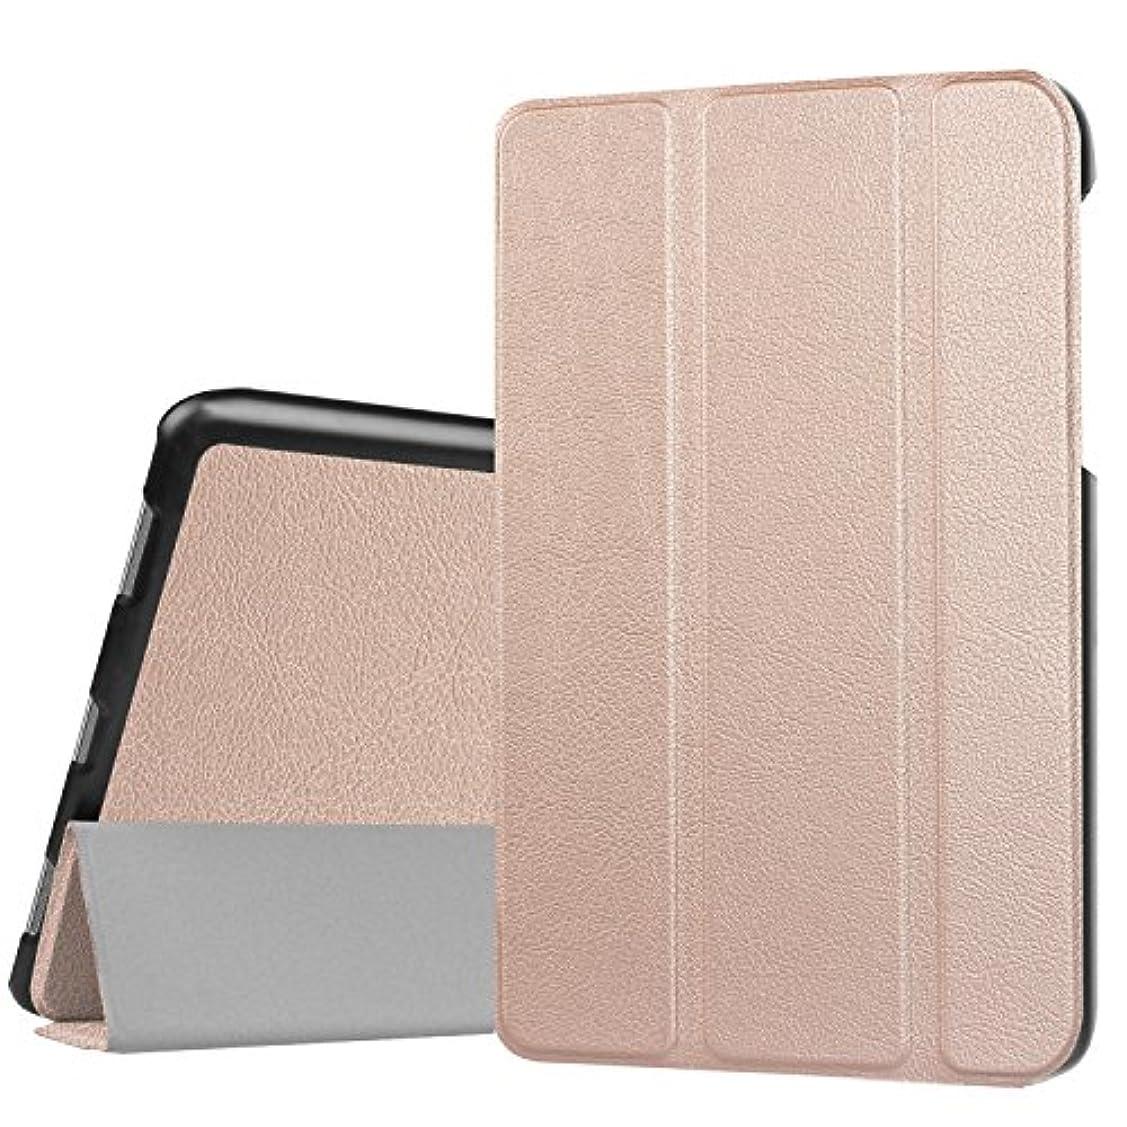 スキム抑制制限されたASUS ZenPad 3S 10 LTE Z500KL ケース ASUS ZenPad 3S 10 LTE Z500KL カバー スタンド機能付き 保護ケース 強力な磁石 薄型 超軽量 全面保護型ASUS ZenPad 3S 10 LTE Z500KL スマートタブレット ケース カバー 軽量 薄型 レザー 三つ折スタンド オートスリープ機能 TRkin (ローズゴールド)